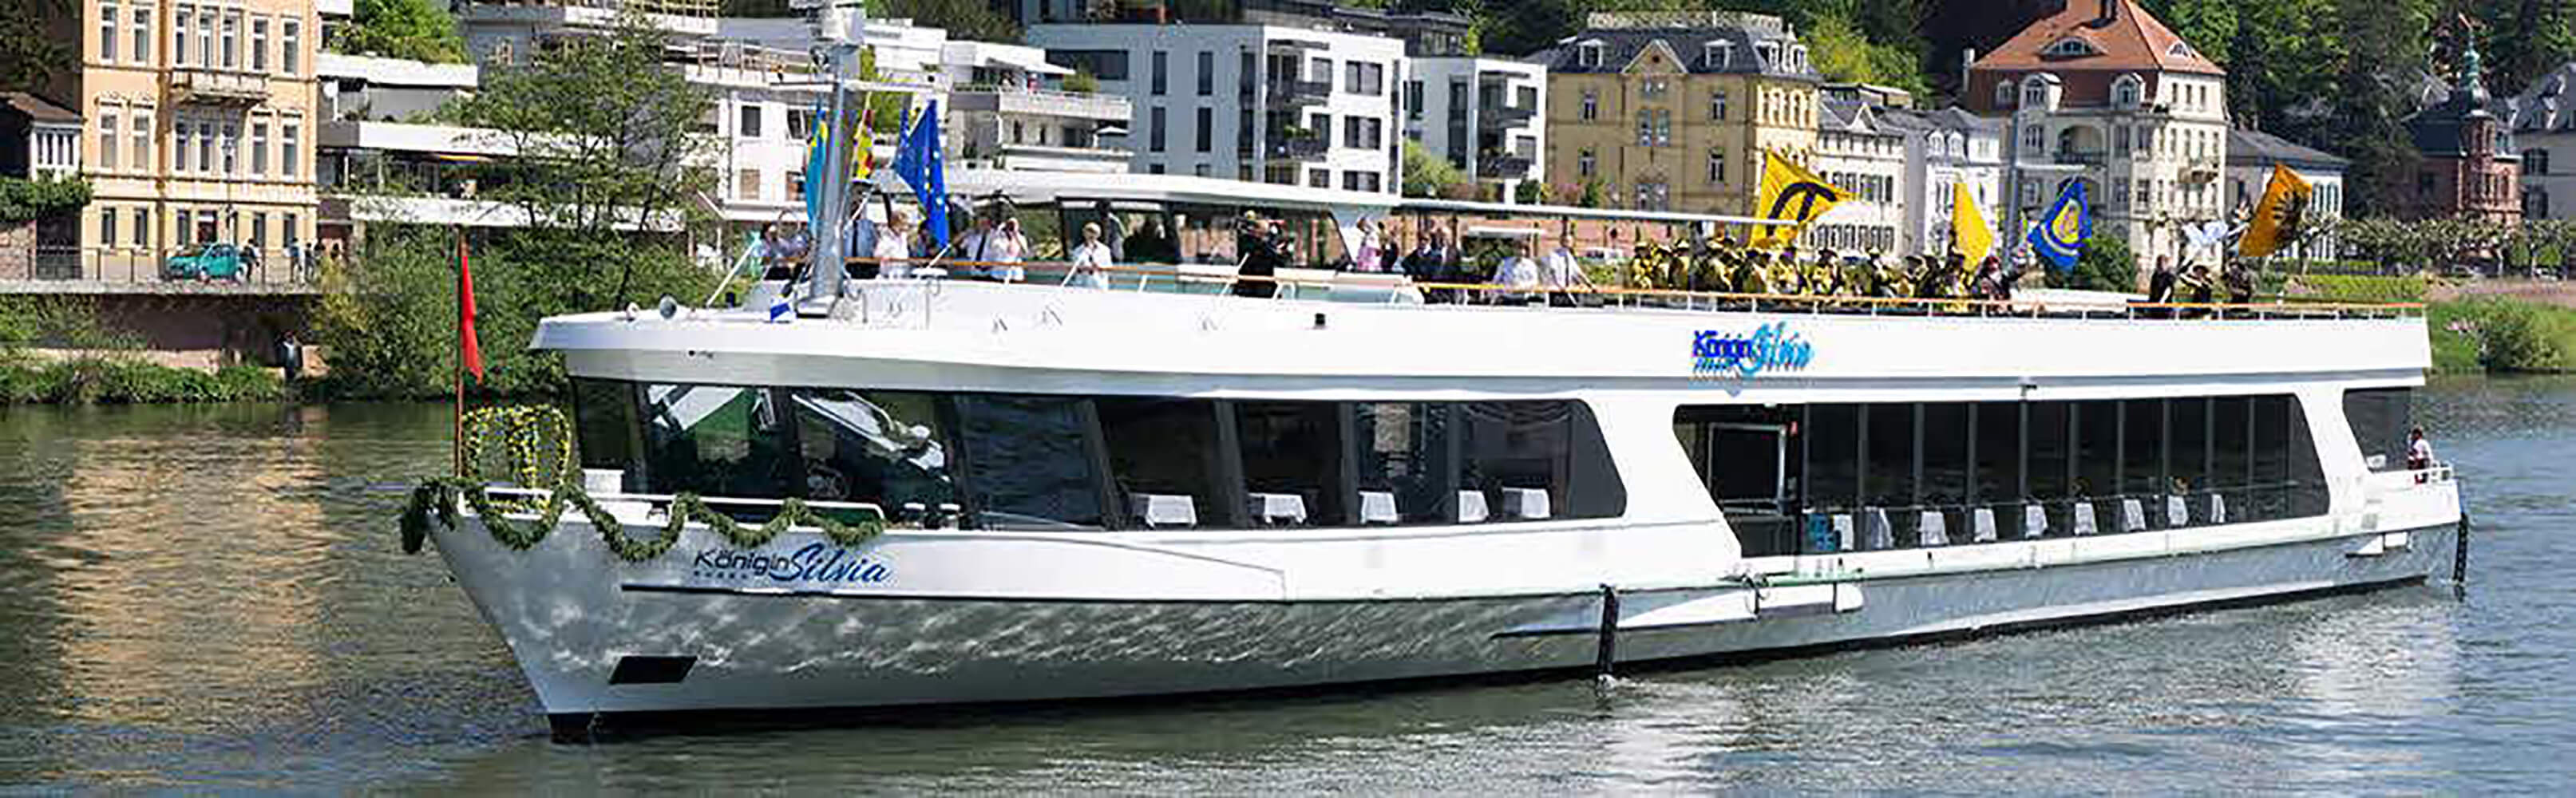 Weisse Flotte Schifffahrt Heidelberg 1